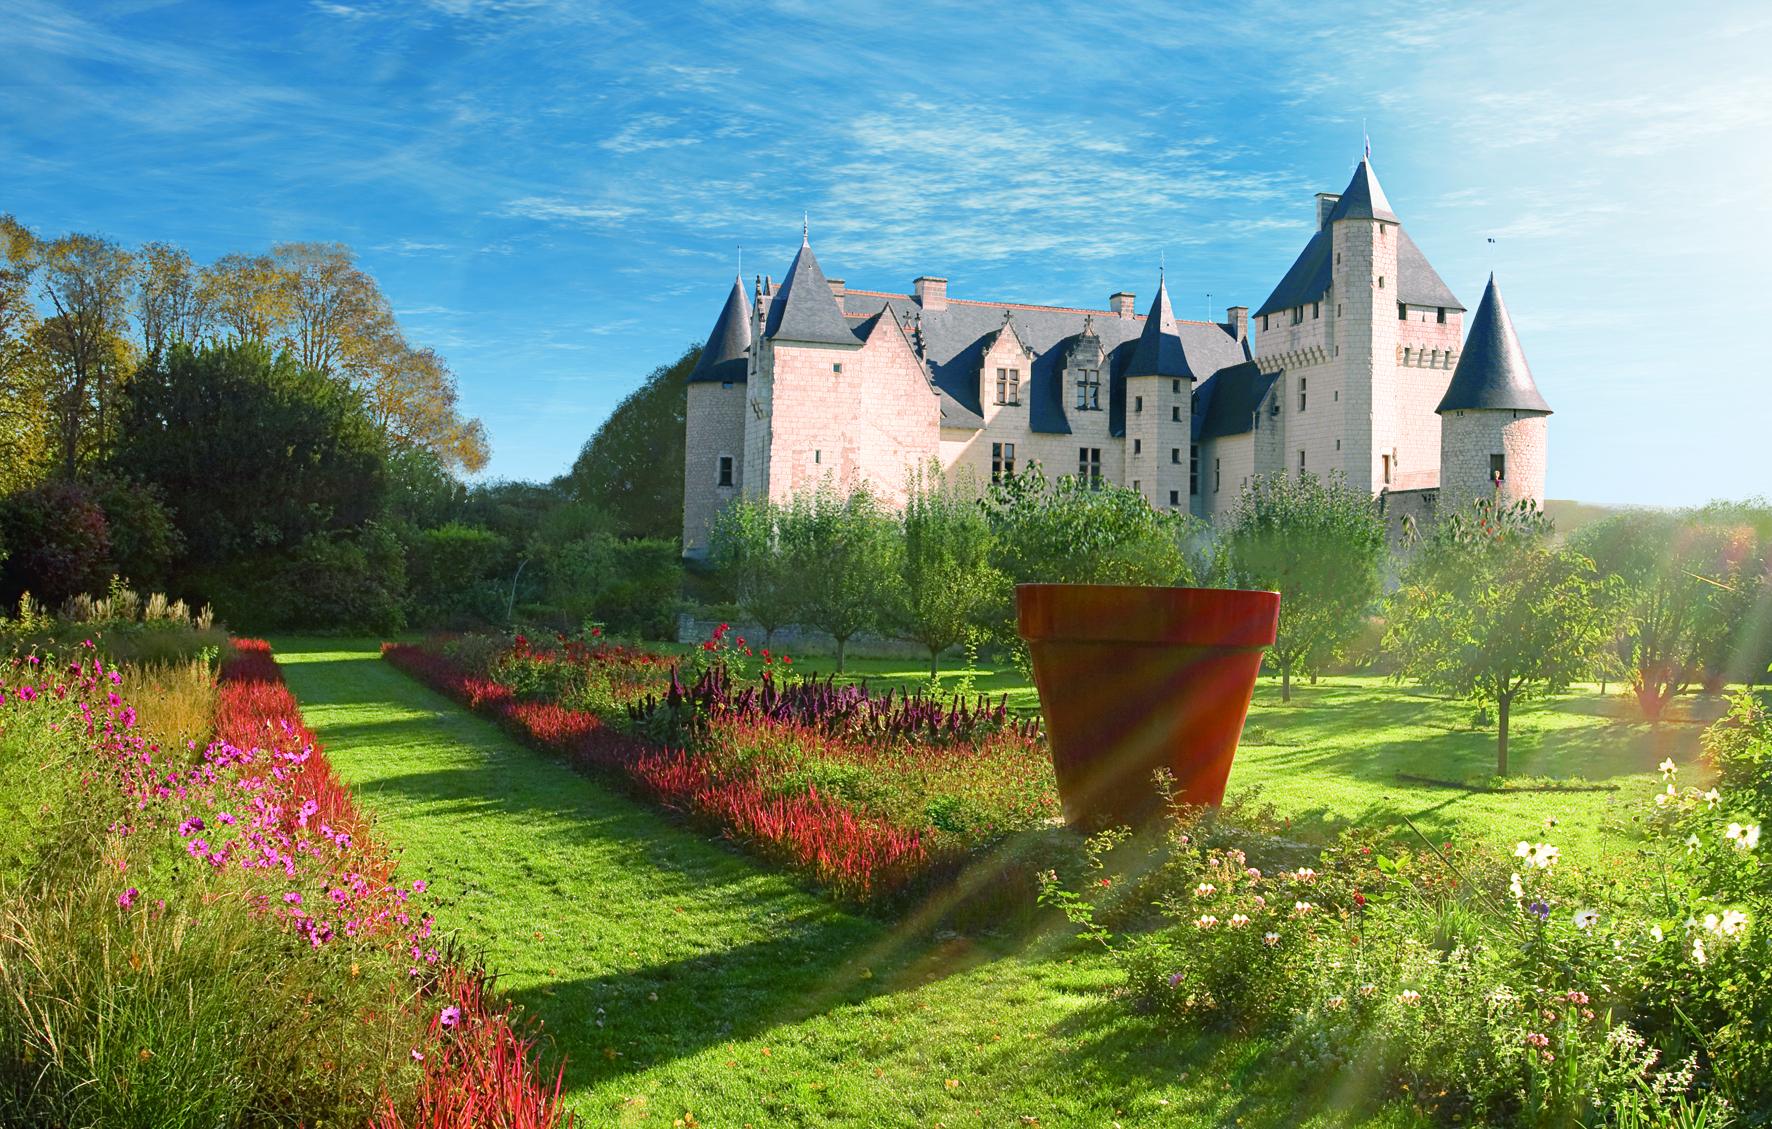 Fichier:pot Rouge De Jean Pierre Raynaud.jpg — Wikipédia encequiconcerne Pot Rouge Jardin